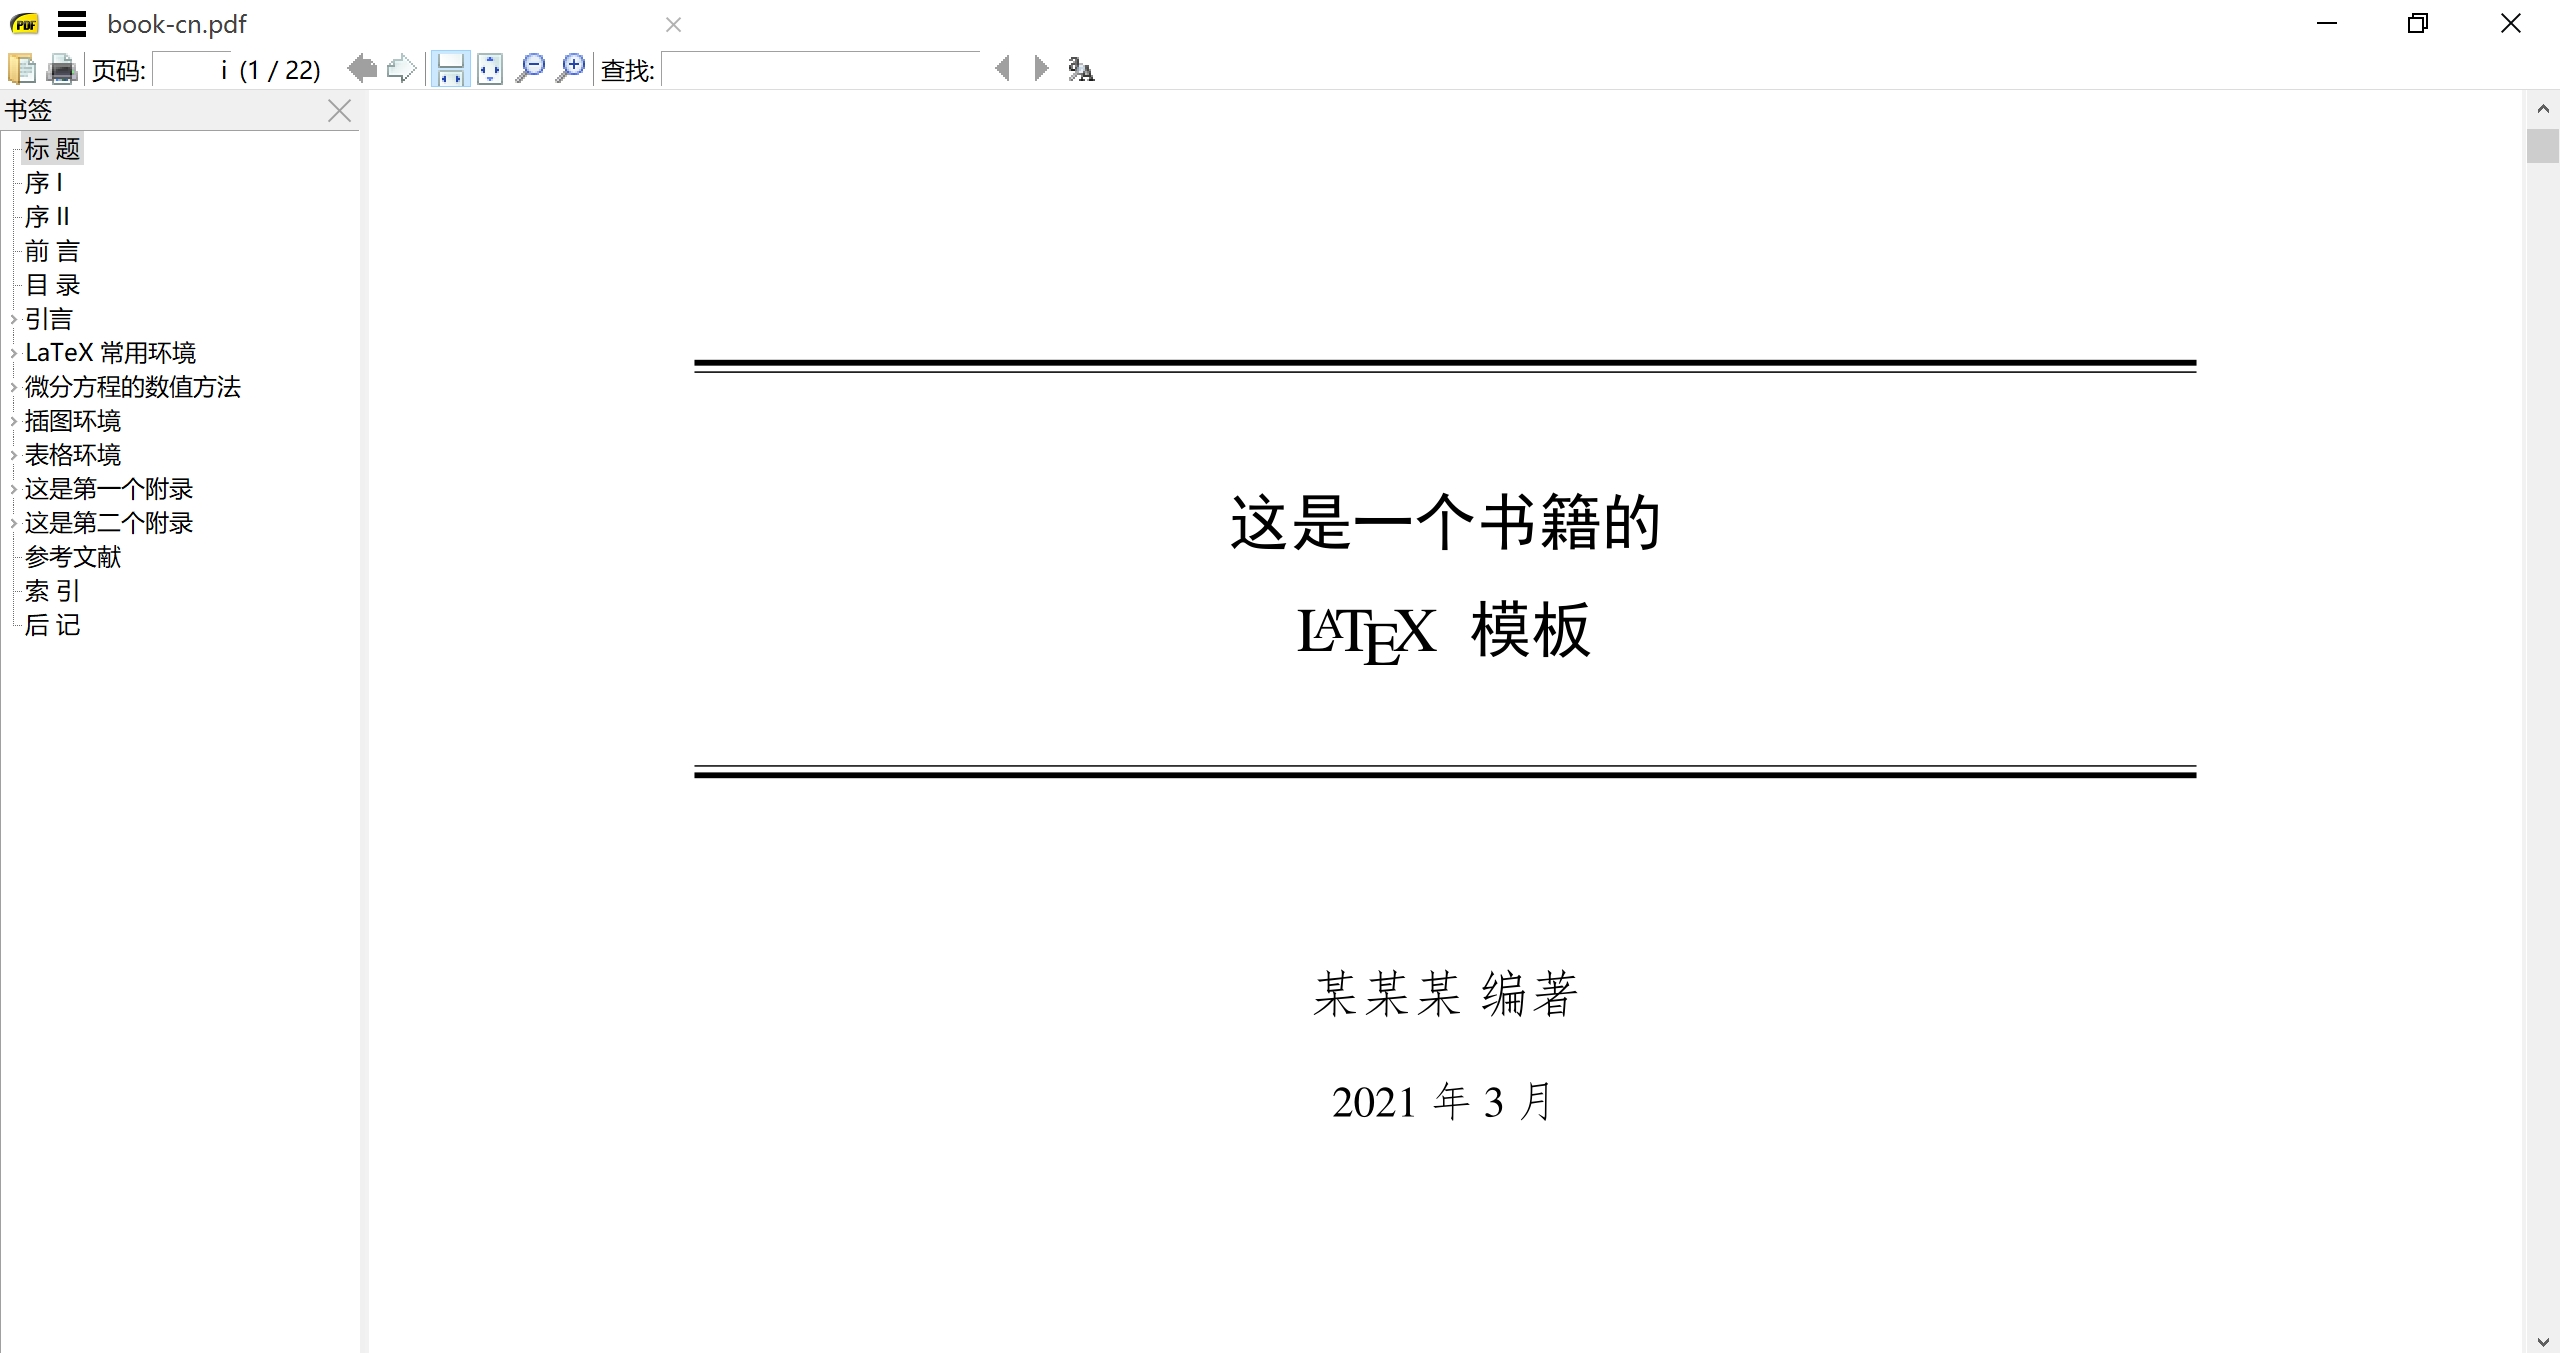 一个简洁好用的中文书籍 LaTeX 模板